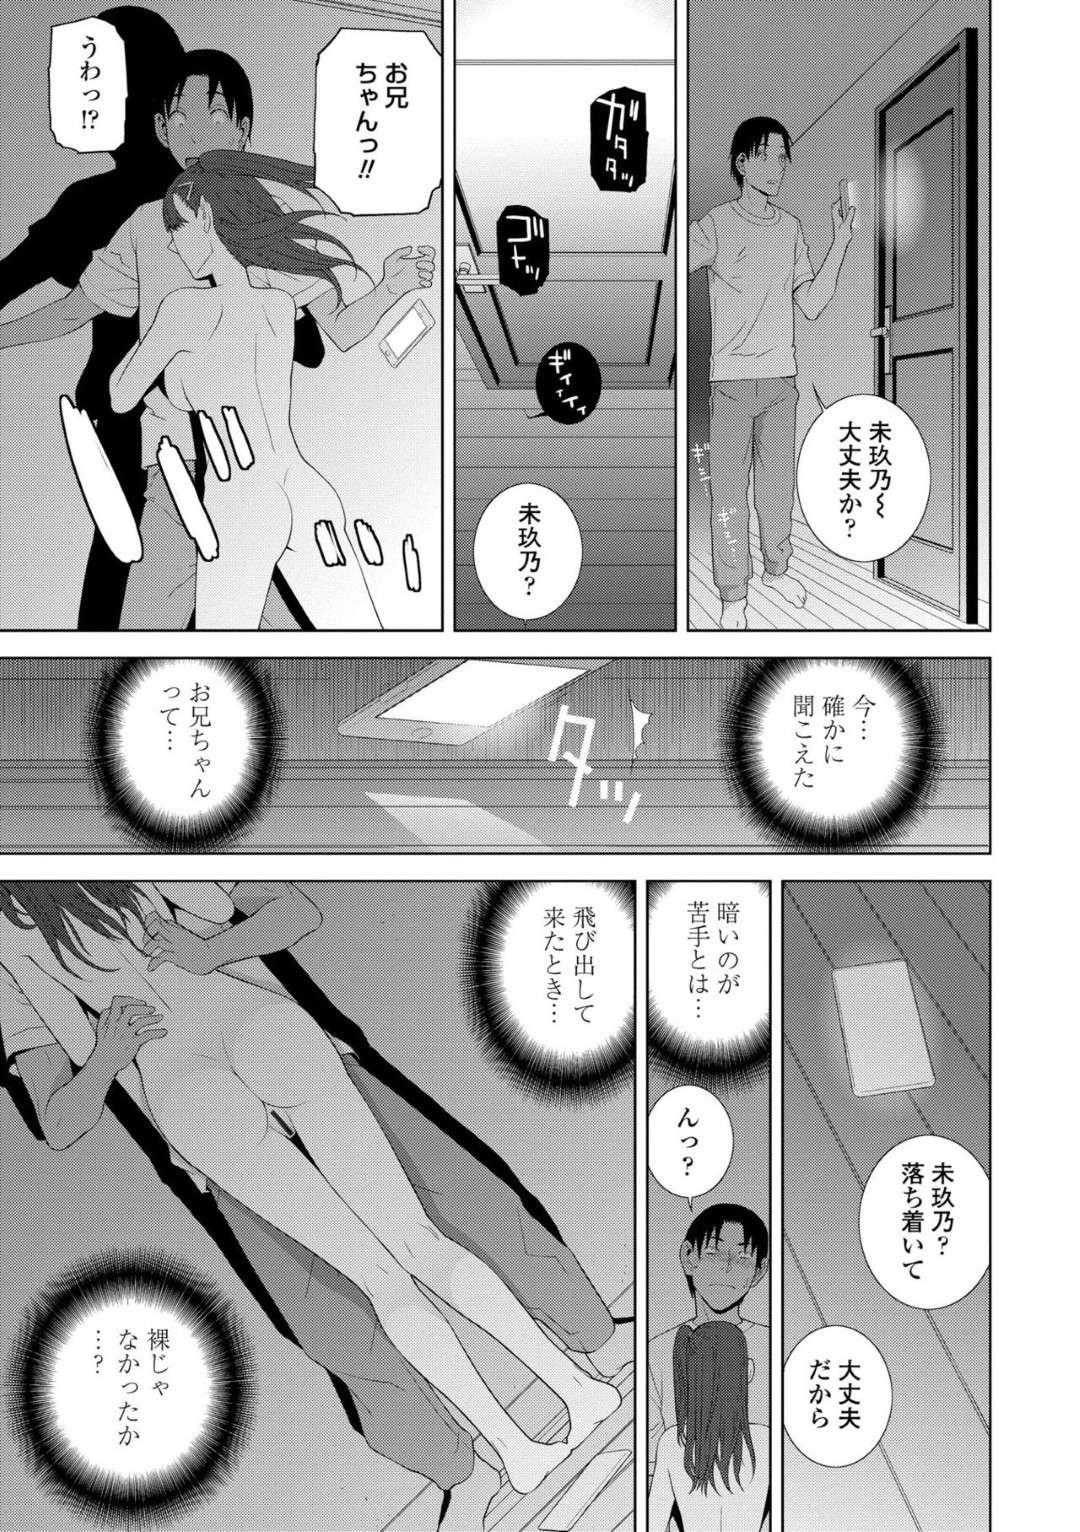 【エロ漫画】主人公とイチャラブセックスし続けるJK義妹…彼女は彼に身体を委ねて正常位でガン突きファックされてヨガりまくる!【志乃武丹英:義妹は悪くない】